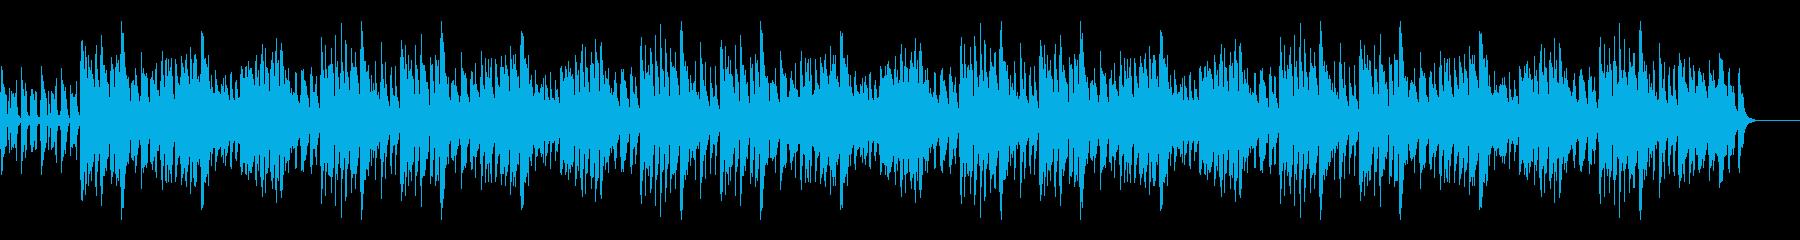 ほのぼのとしたサウンドの再生済みの波形